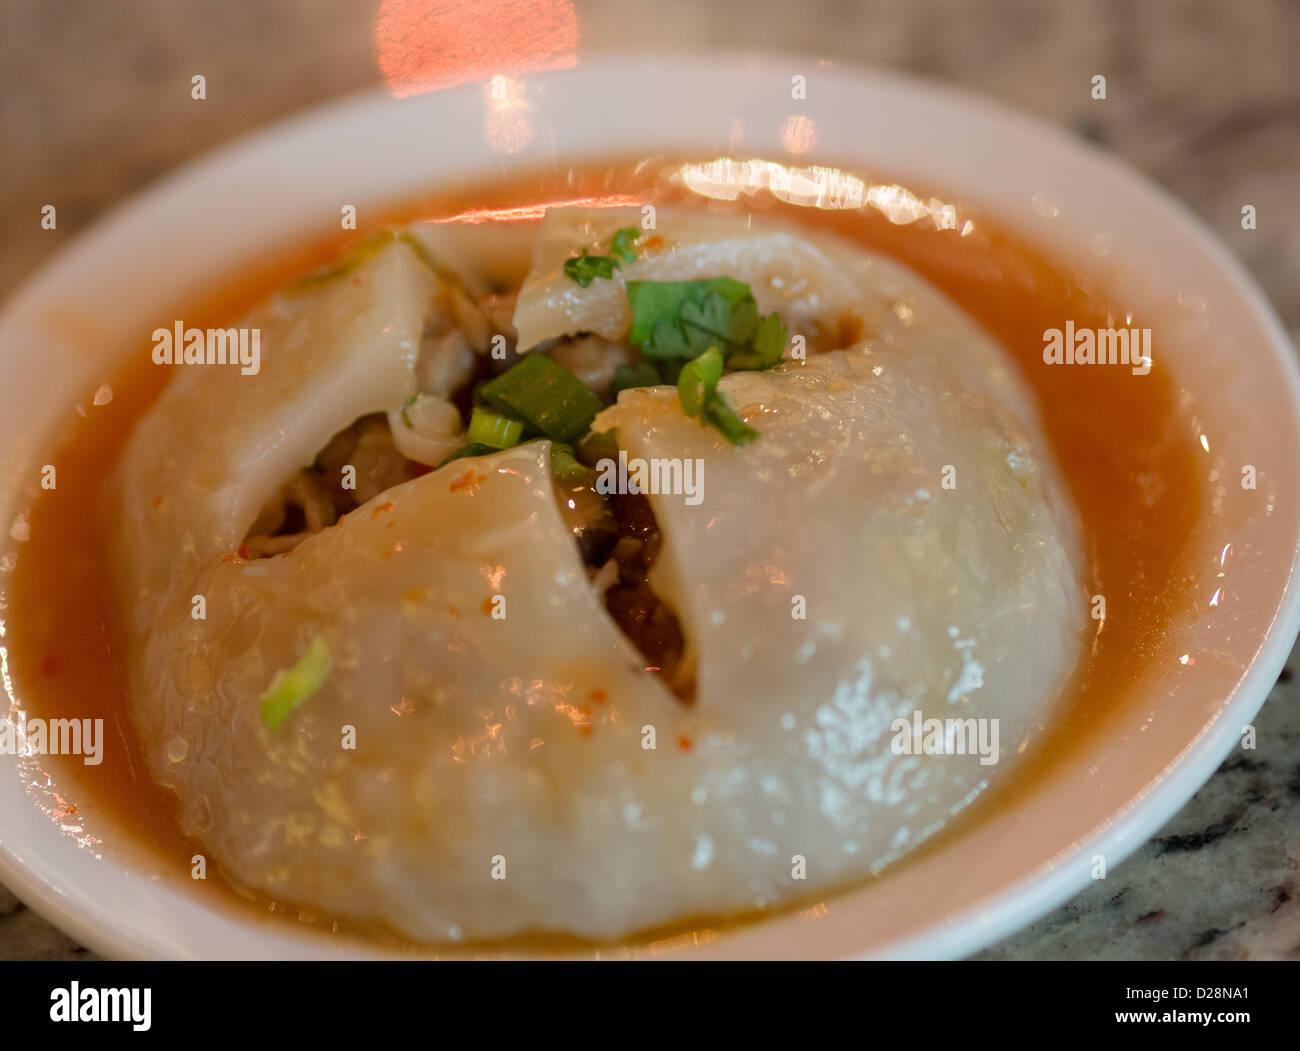 Bola de arroz taiwanés 肉圓 - carne de cerdo y setas envuelto en una envoltura de arroz y cubiertos con una salsa Imagen De Stock